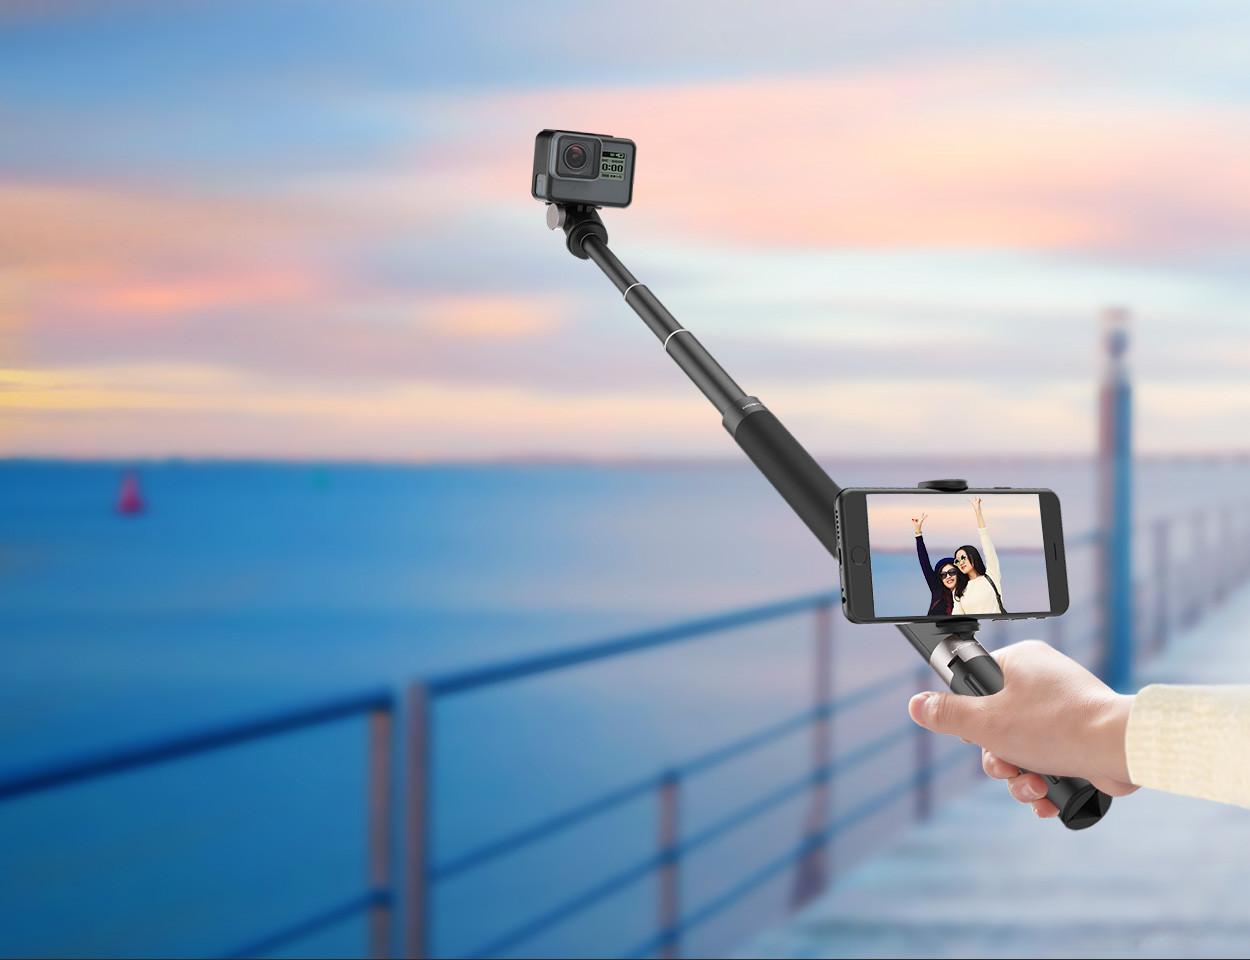 Штатив-рукоятка PGYTECH Hand Grip & Tripod for Action Camera P-GM-104 | Купить в Москве